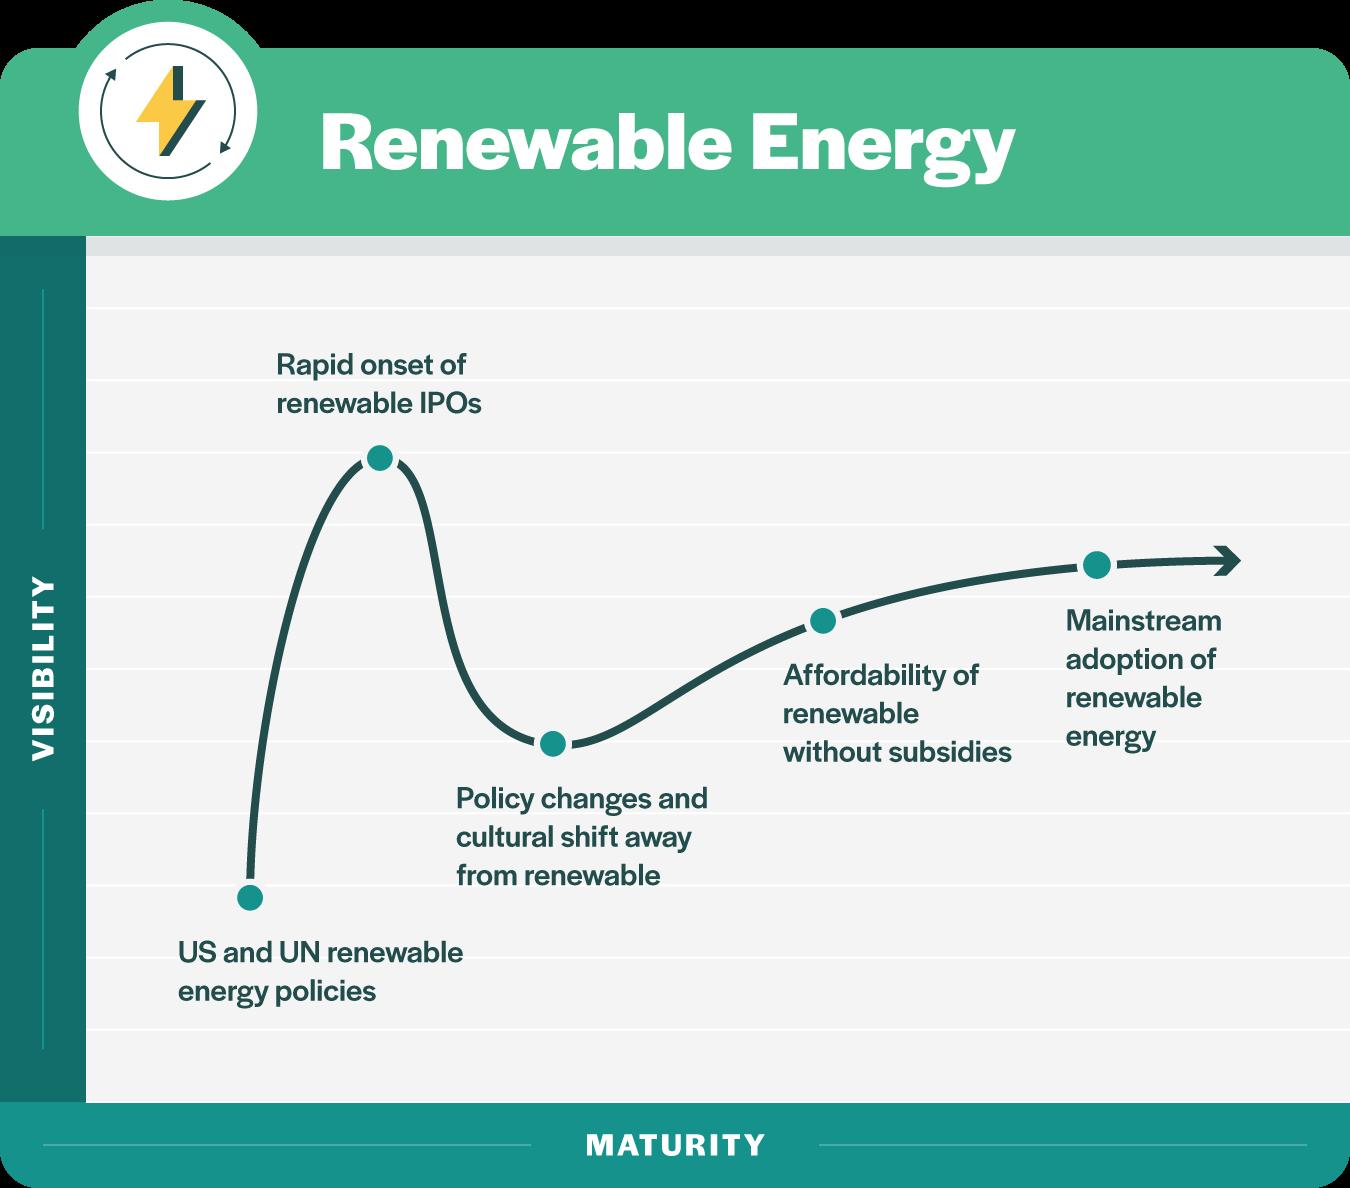 3 renewable energy